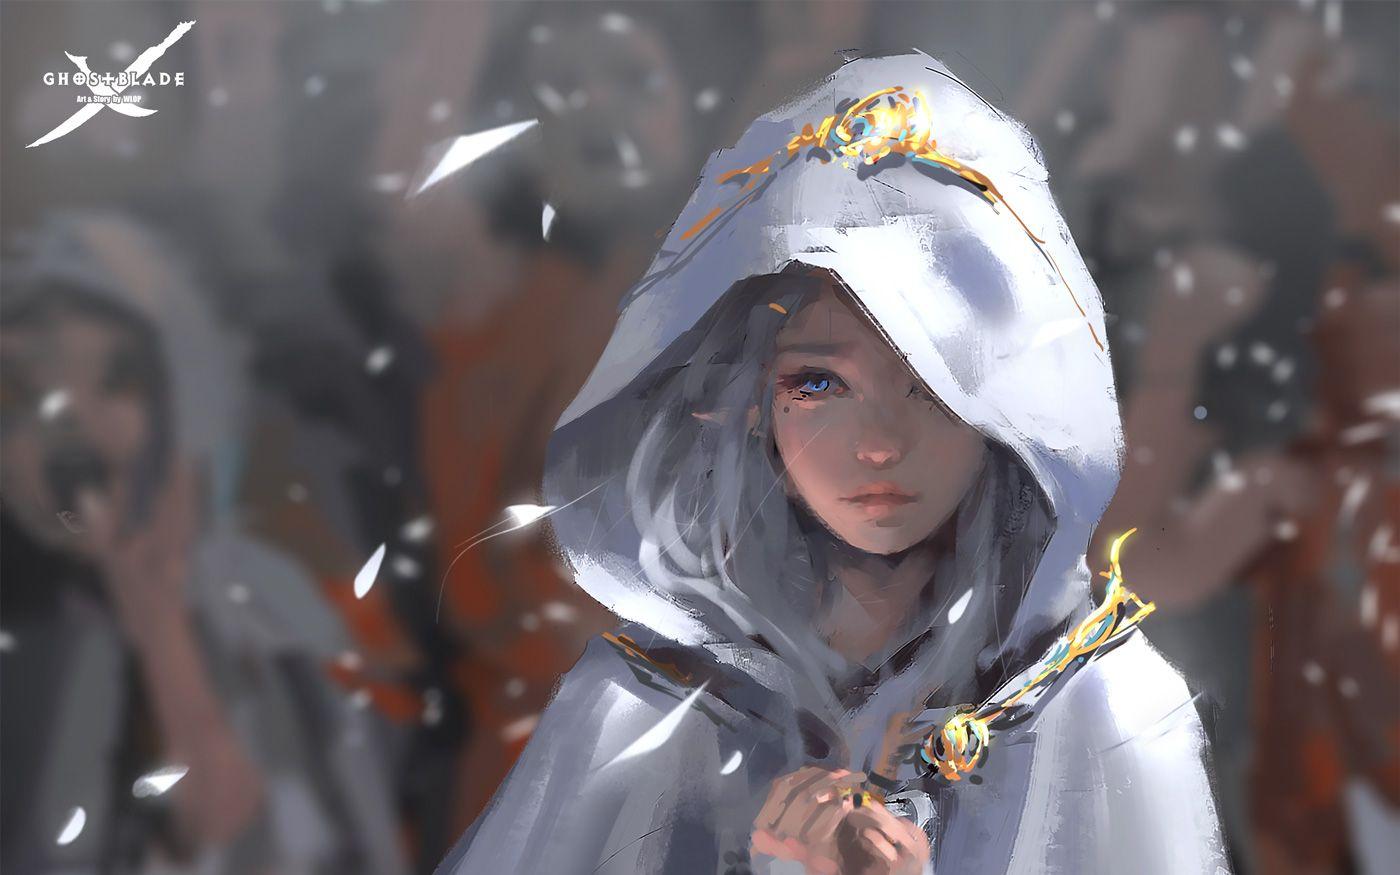 电影级游戏CG与震撼心灵的史诗音乐推荐合集 - 第十一弹